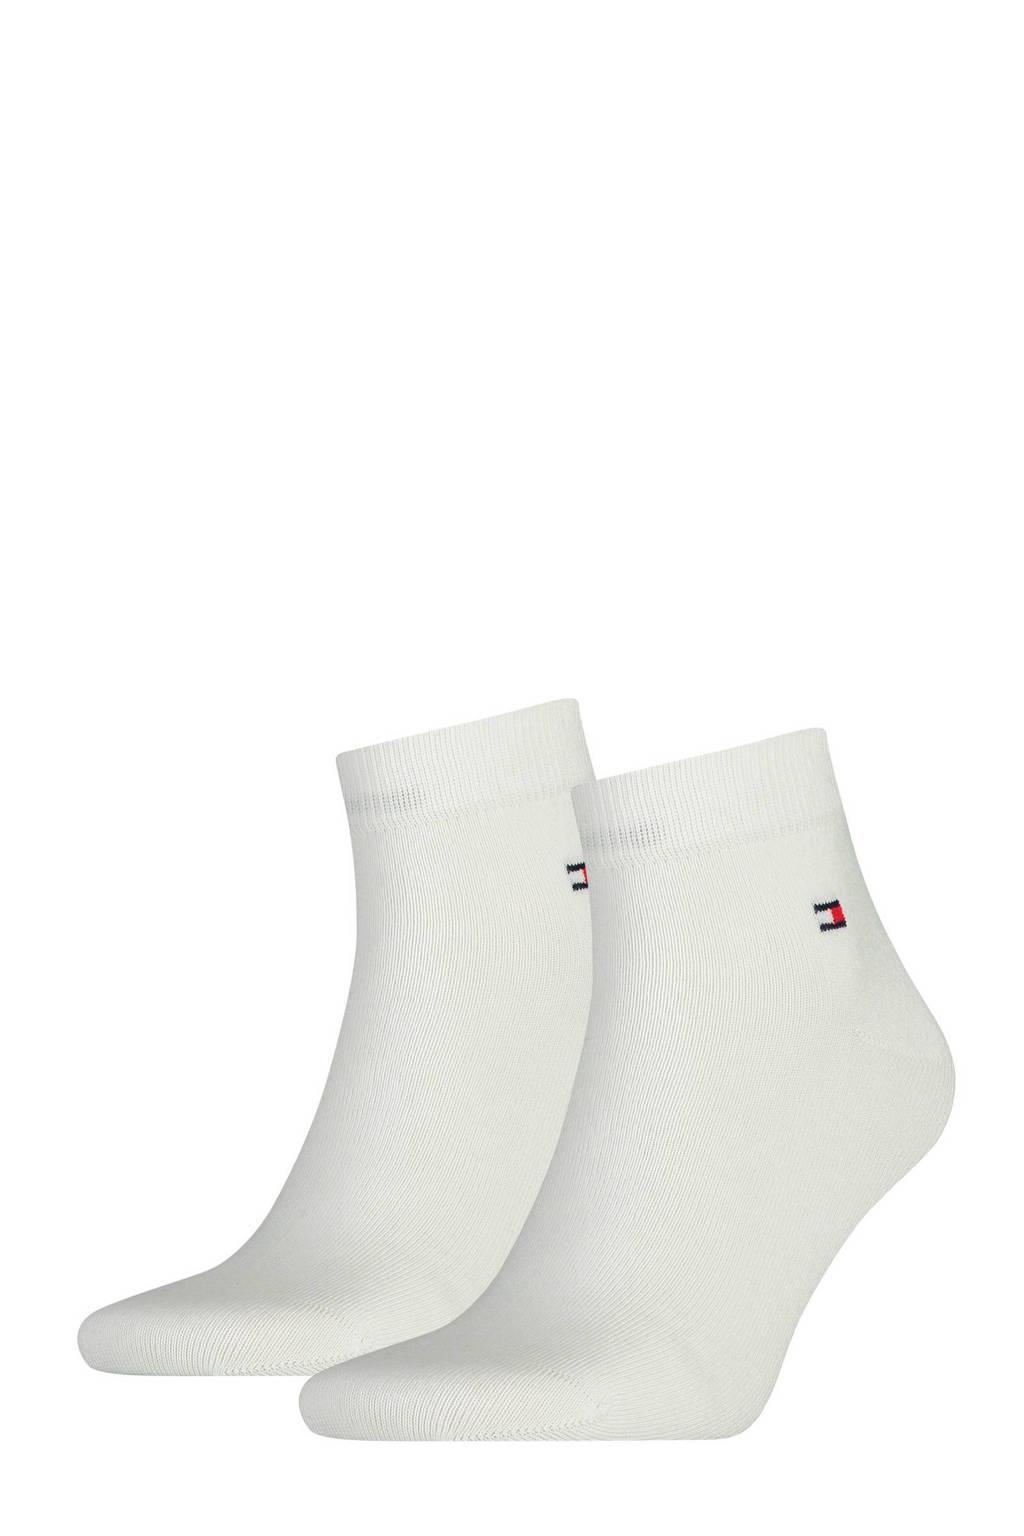 Tommy Hilfiger quarter sokken (2 paar), Wit